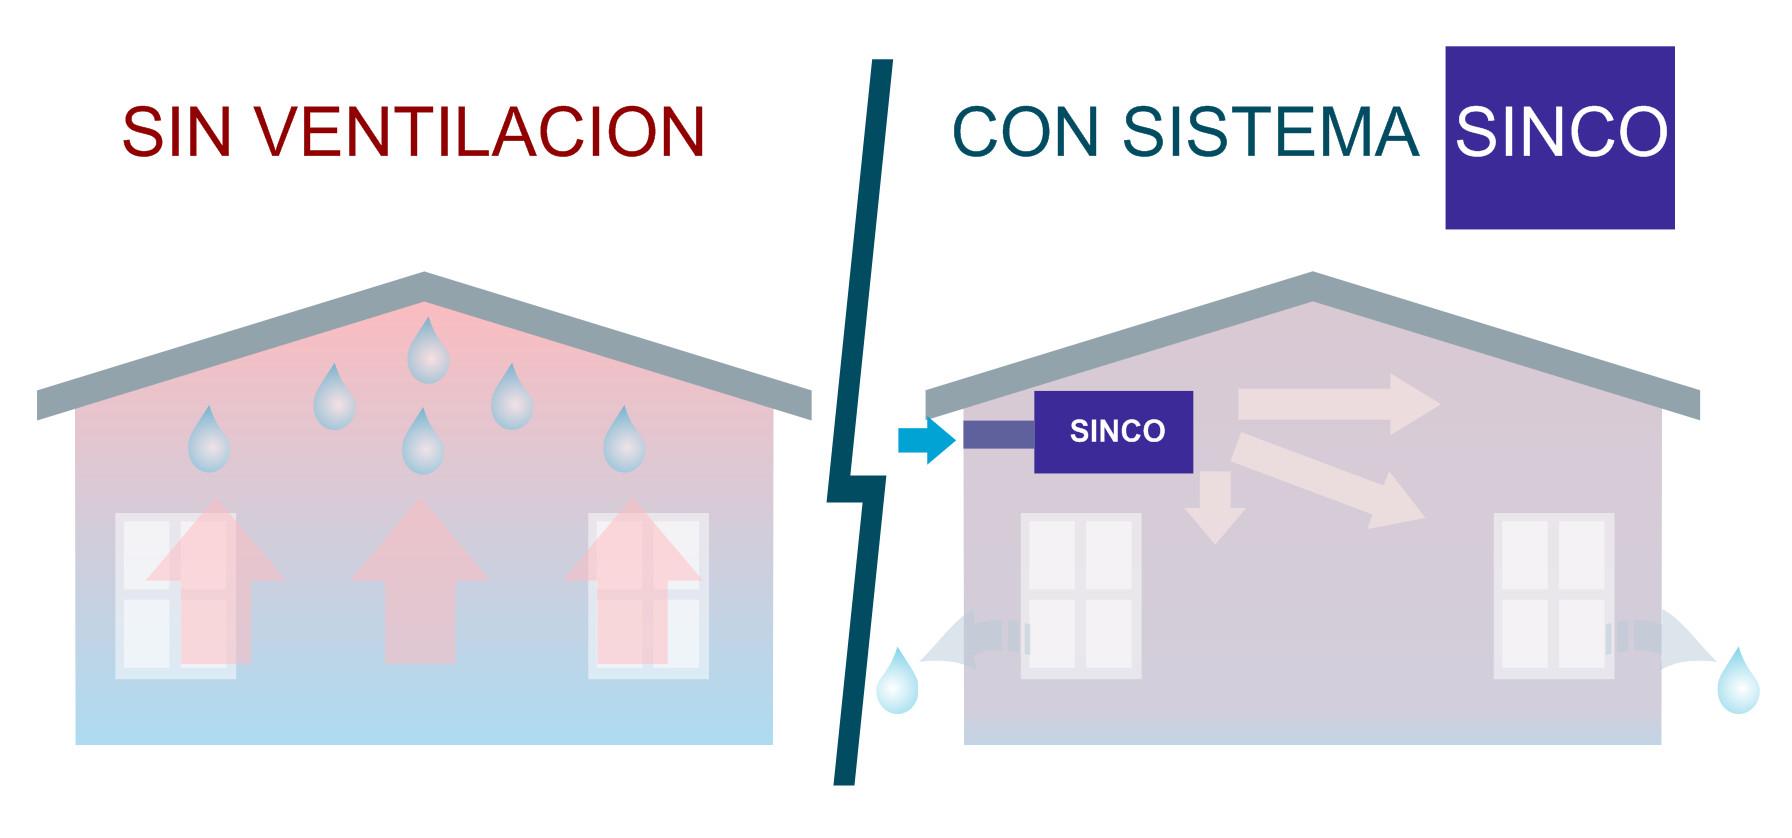 Funcionamiento del sistema de ventilación forzada Sinco. Ideal para eliminar humedades por condensación en viviendas y garajes